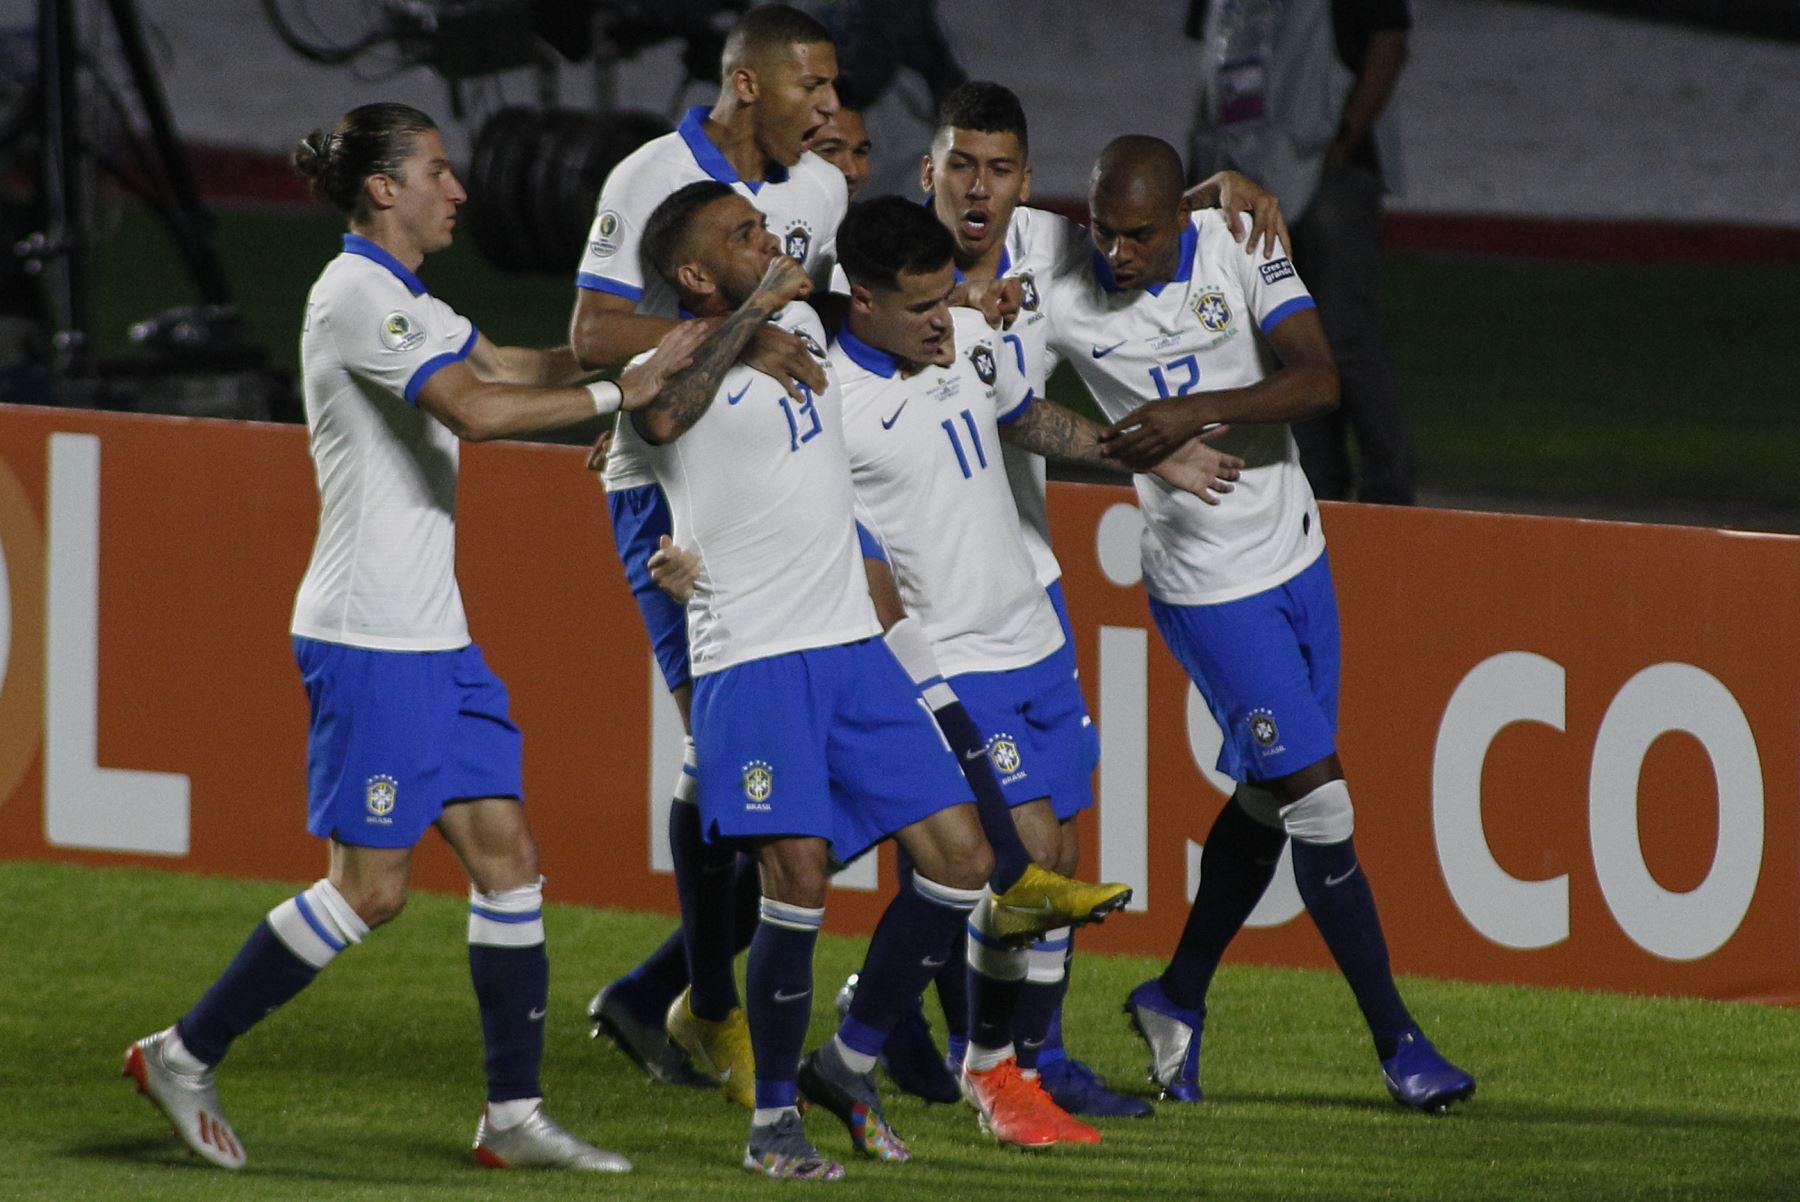 El brasileño Philippe Coutinho (11) celebra con sus compañeros de equipo después de marcar contra Bolivia durante su partido de torneo de fútbol de la Copa América en el estadio Morumbi, en Sao Paulo, Brasil.Foto:AFP